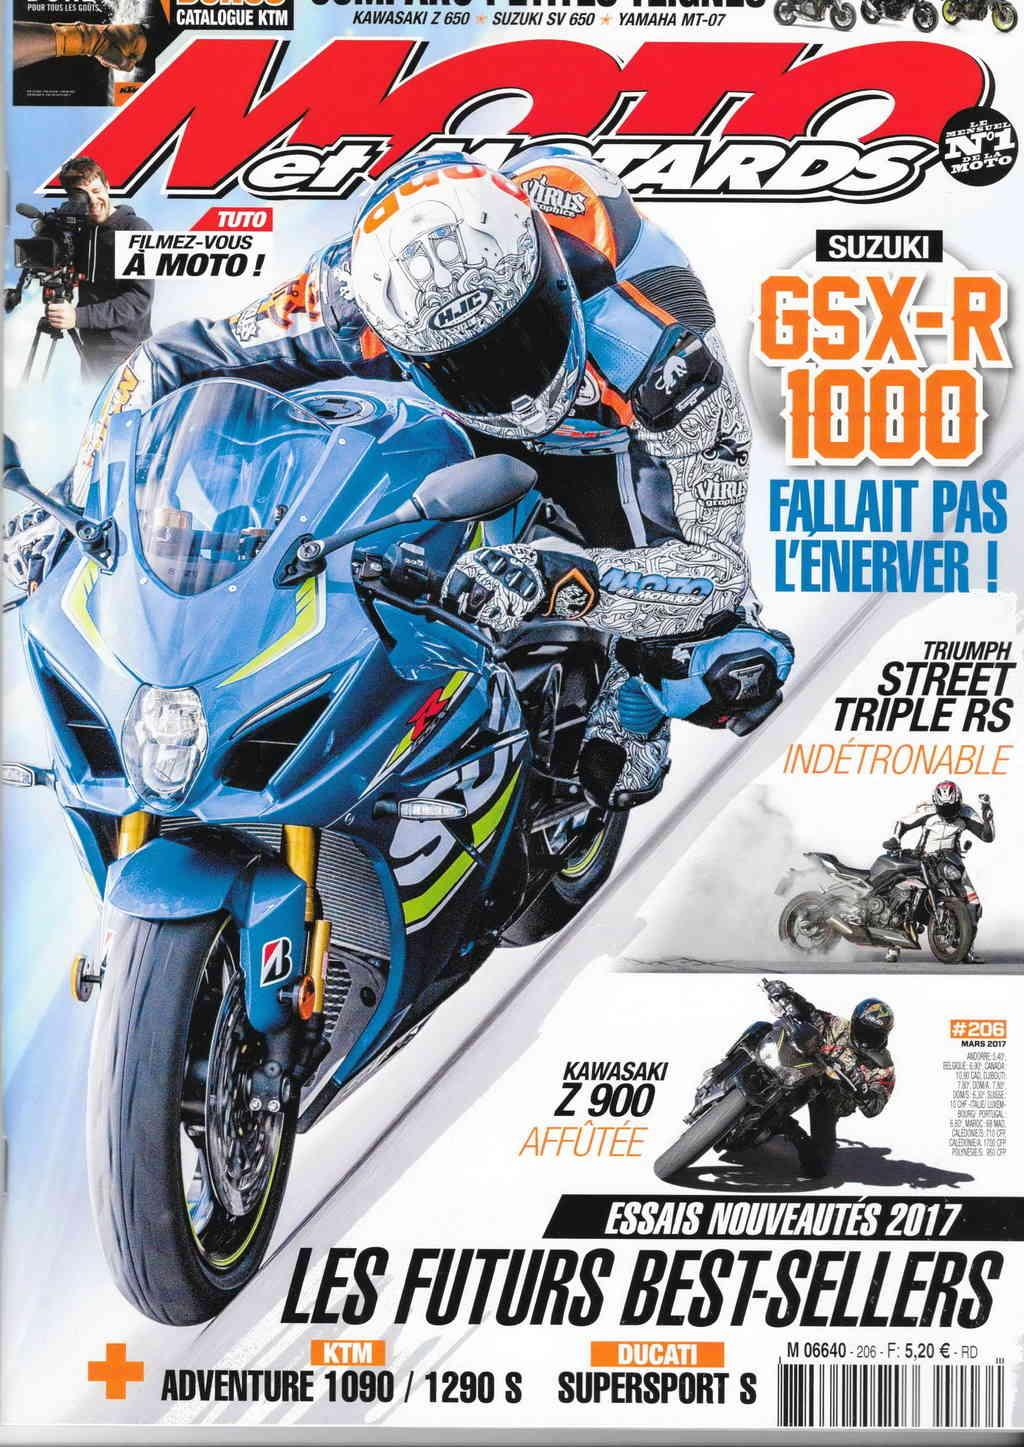 Livre, Magazine, En kiosque, Presse Spécialisée, Canard Moto, Bouquin  - Page 22 Filena10